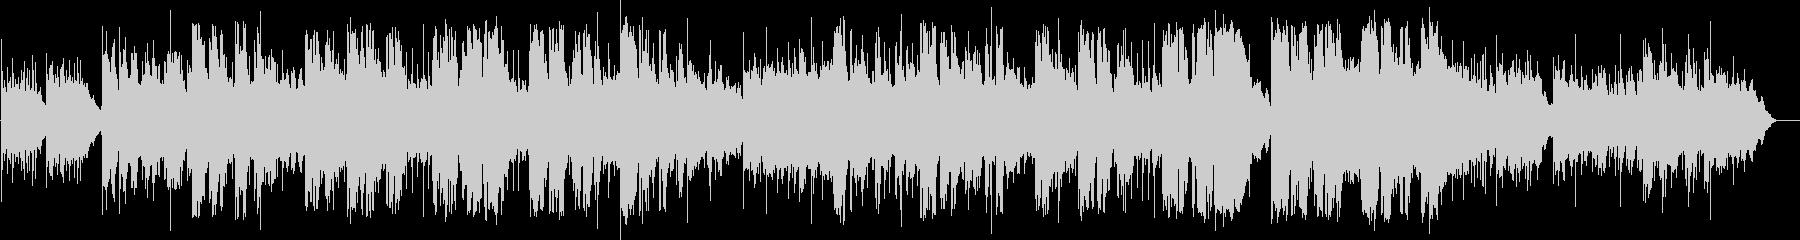 英語洋楽: 切ない傷心バラード&ピアノの未再生の波形